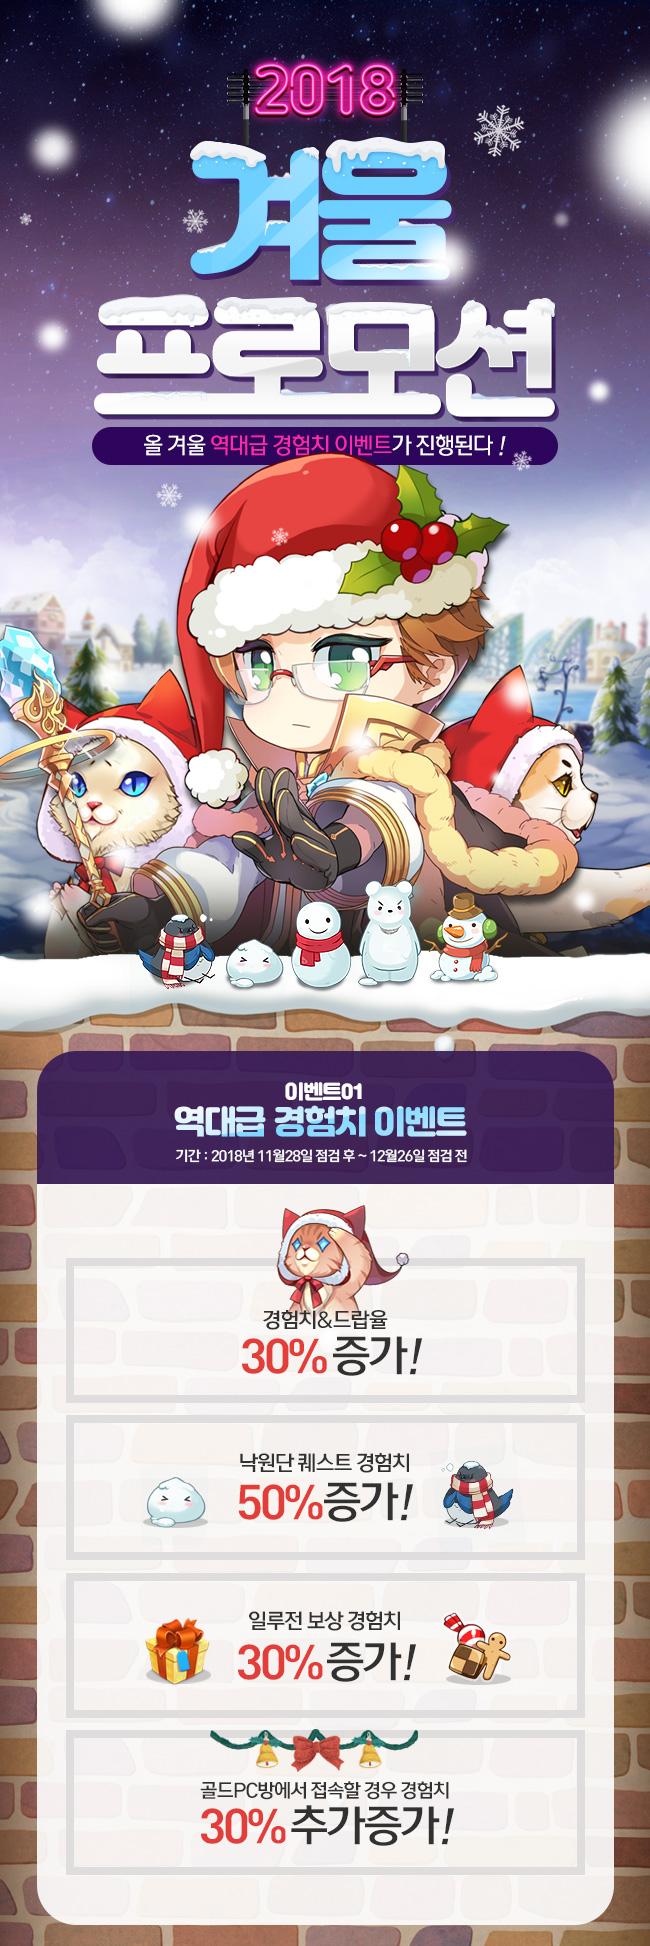 2018 겨울 프로모션 이미지1